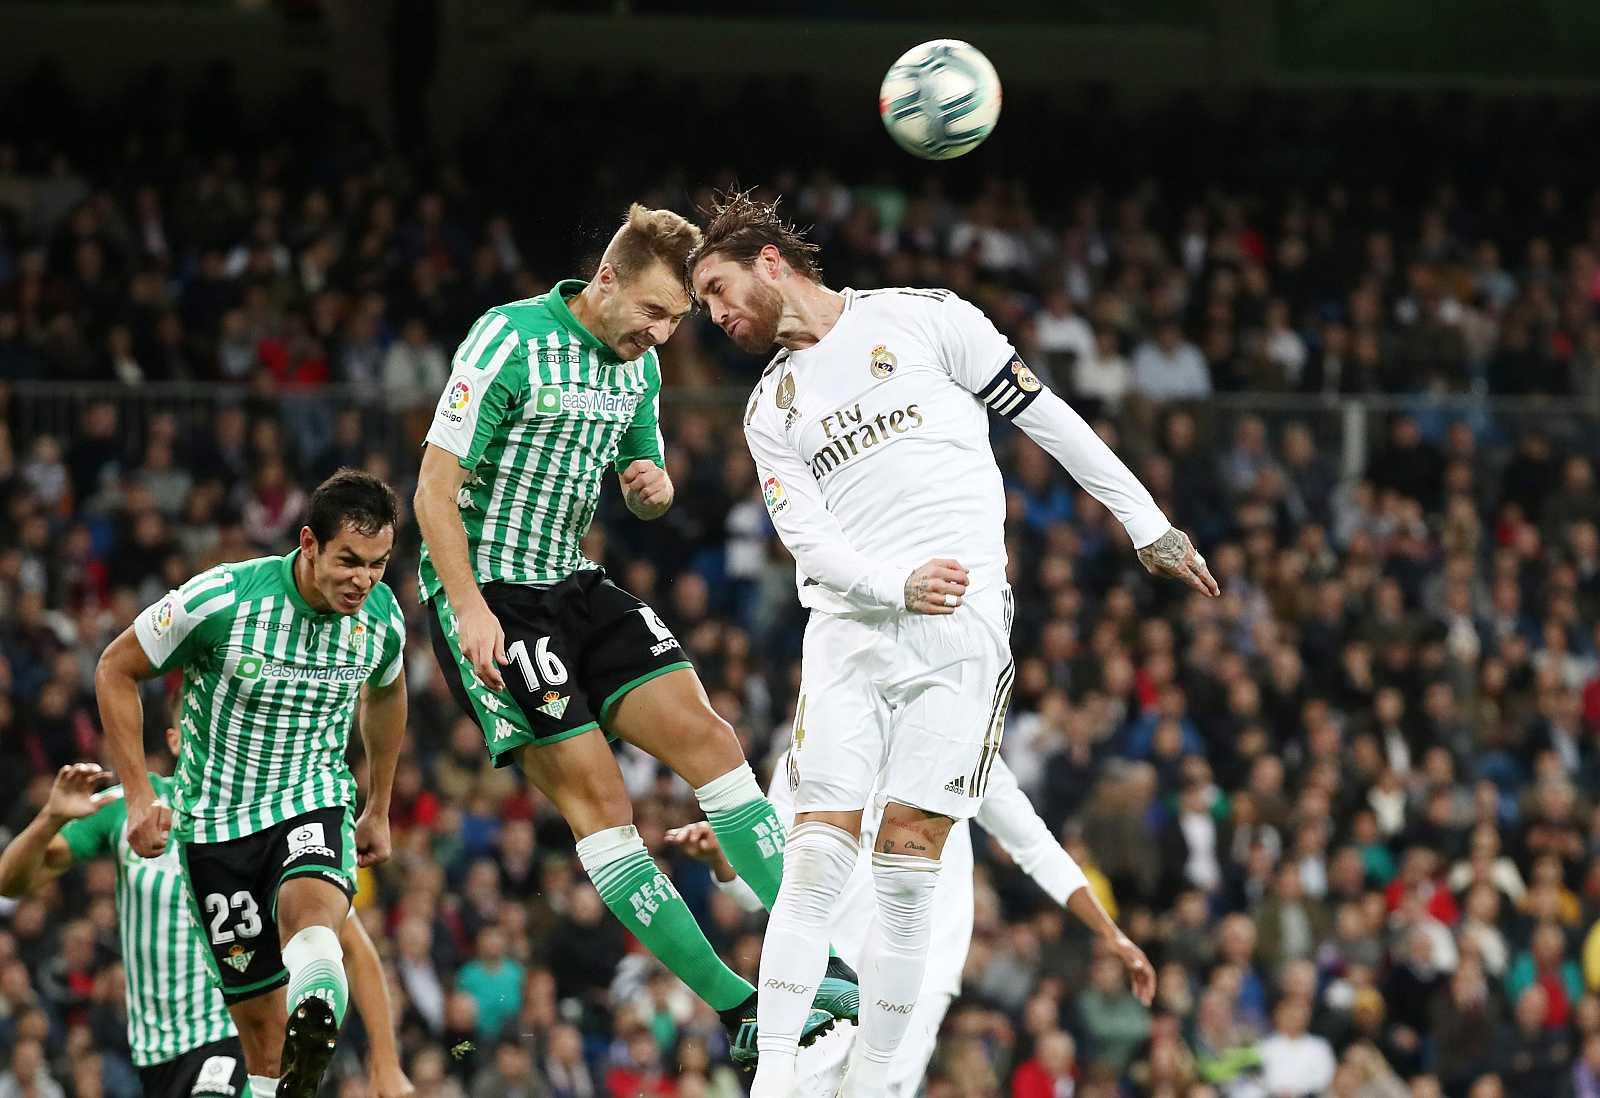 El bético Loren y el madridista Sergio Ramos tratan de cabecear el balón durante el partido.